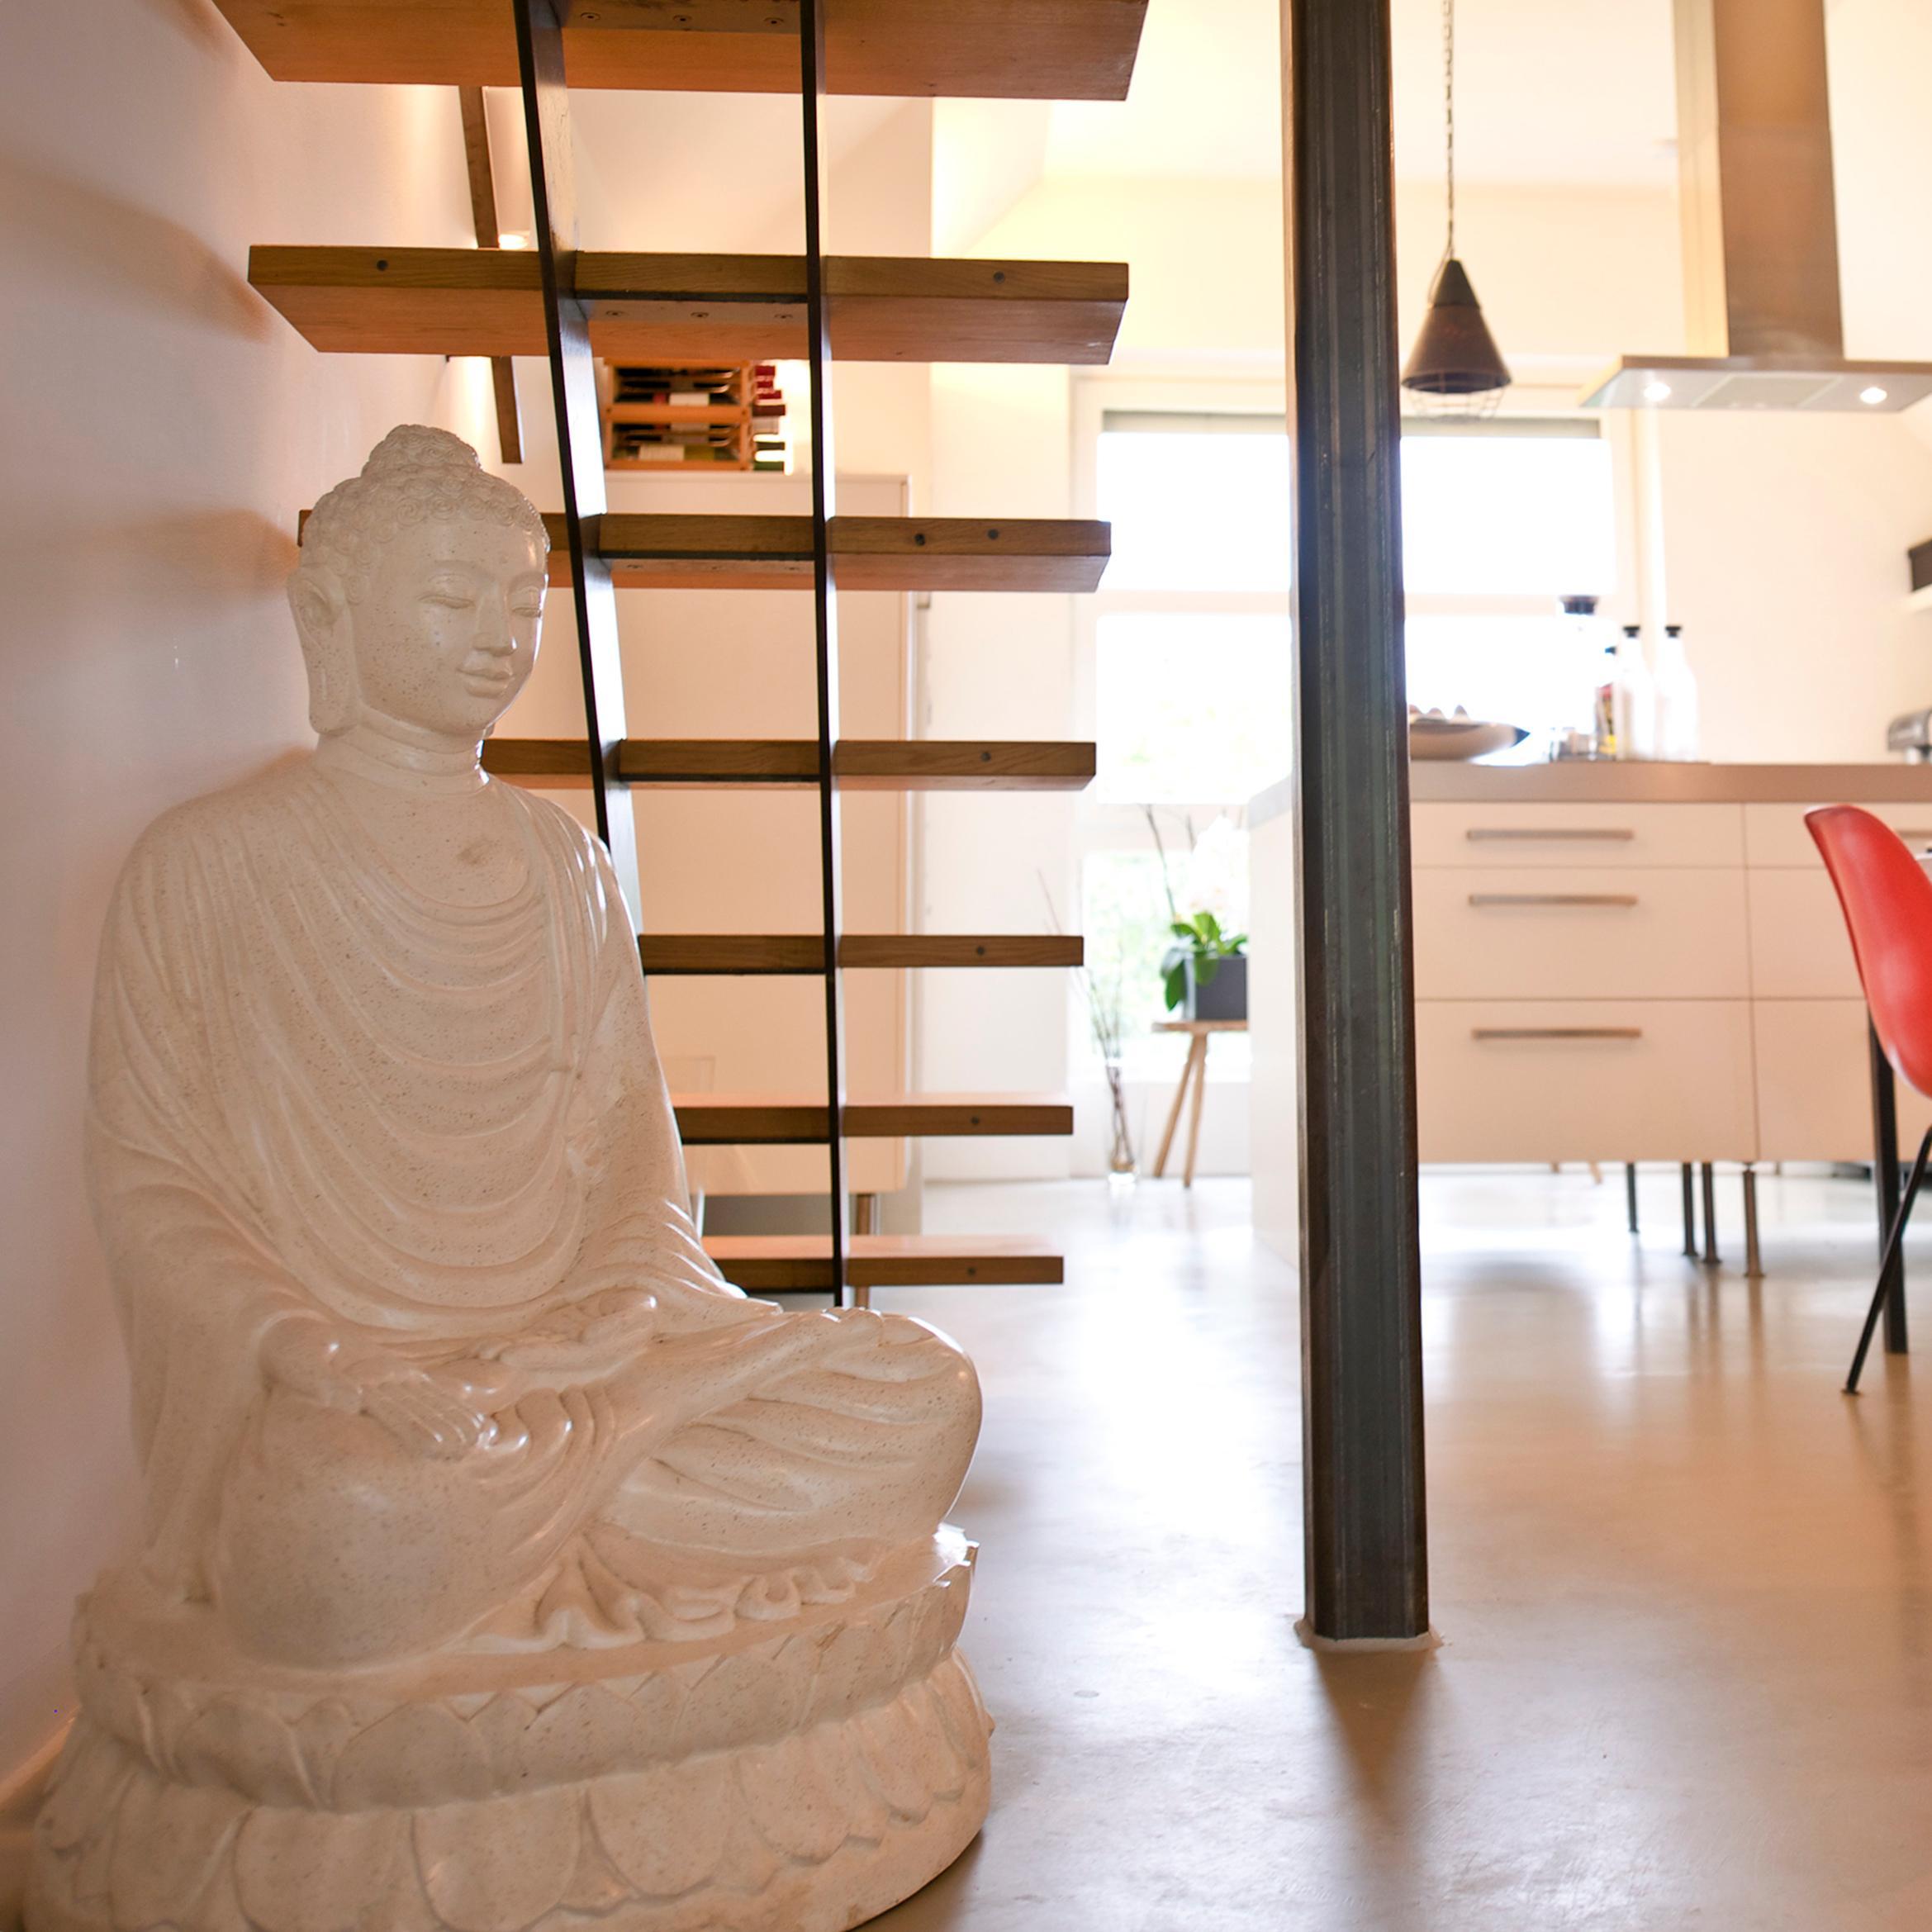 Ein Grosser Schwerer Buddha Findet Seinen Platz Unter Der Treppe Betonboden CZolaproduction